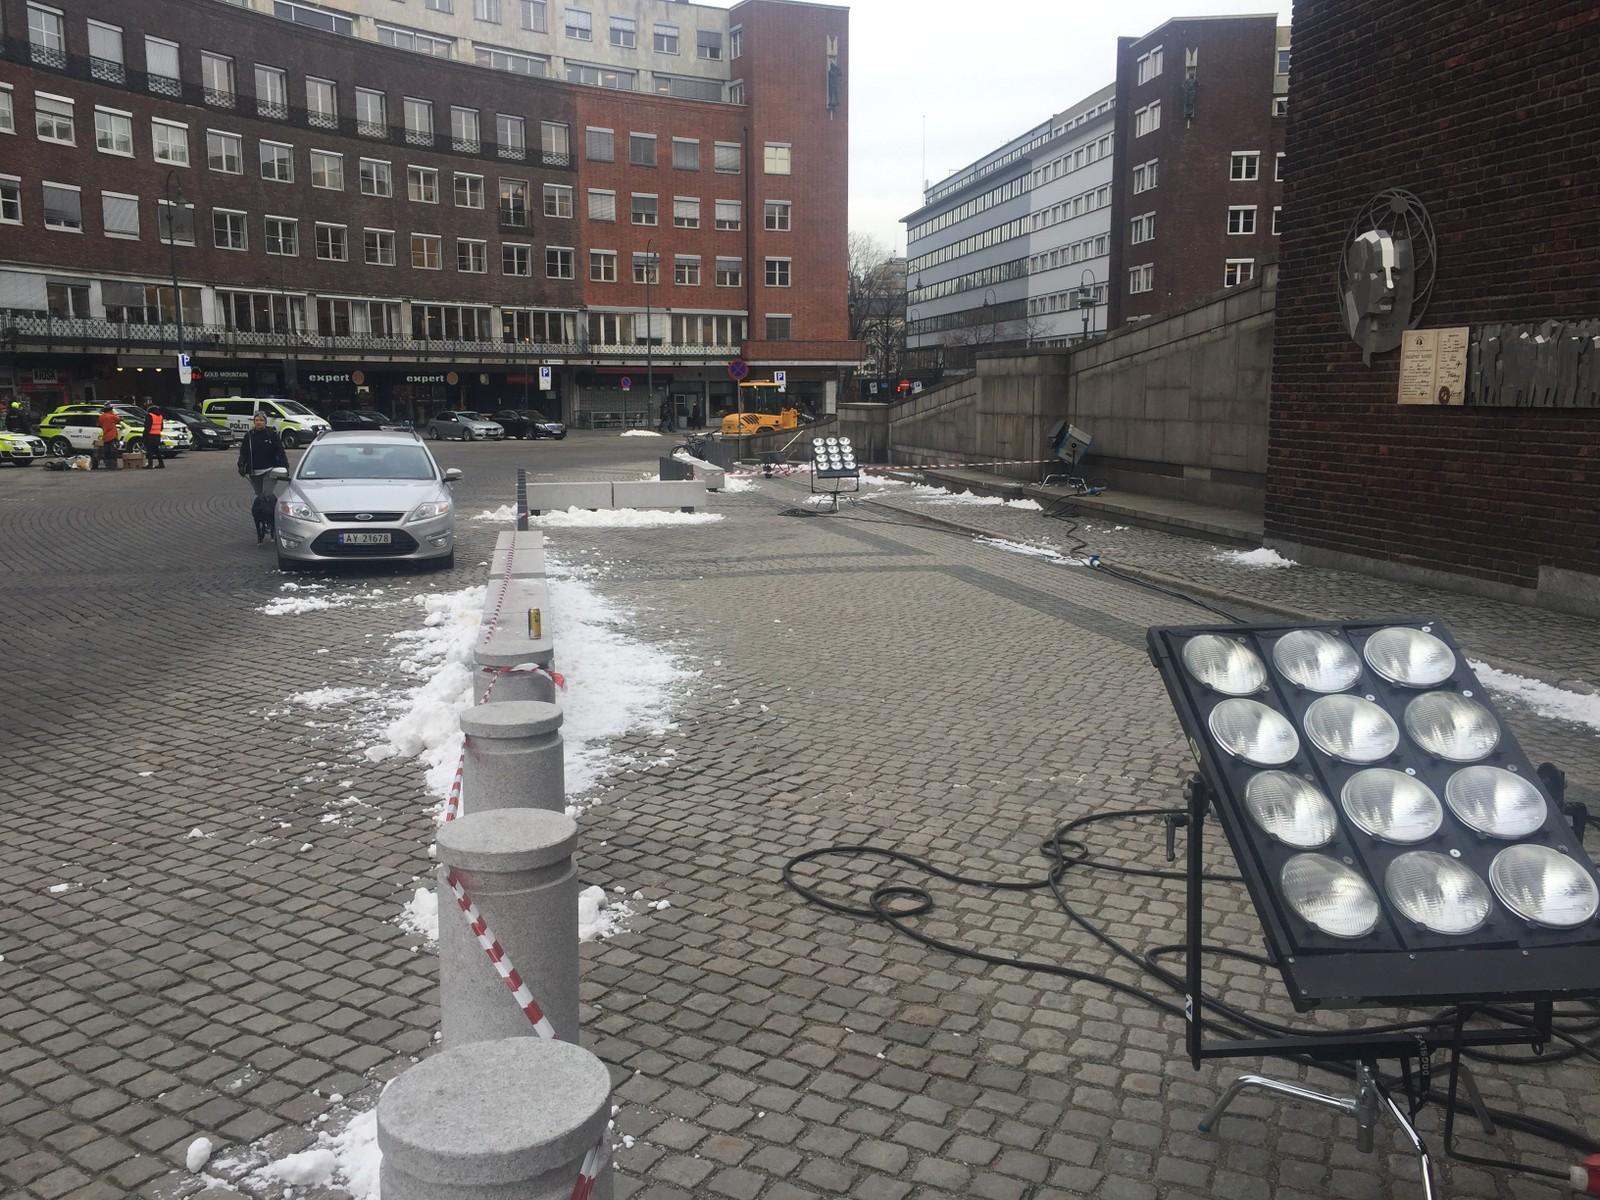 Plassen foran Oslo rådhus med kunstig snø.